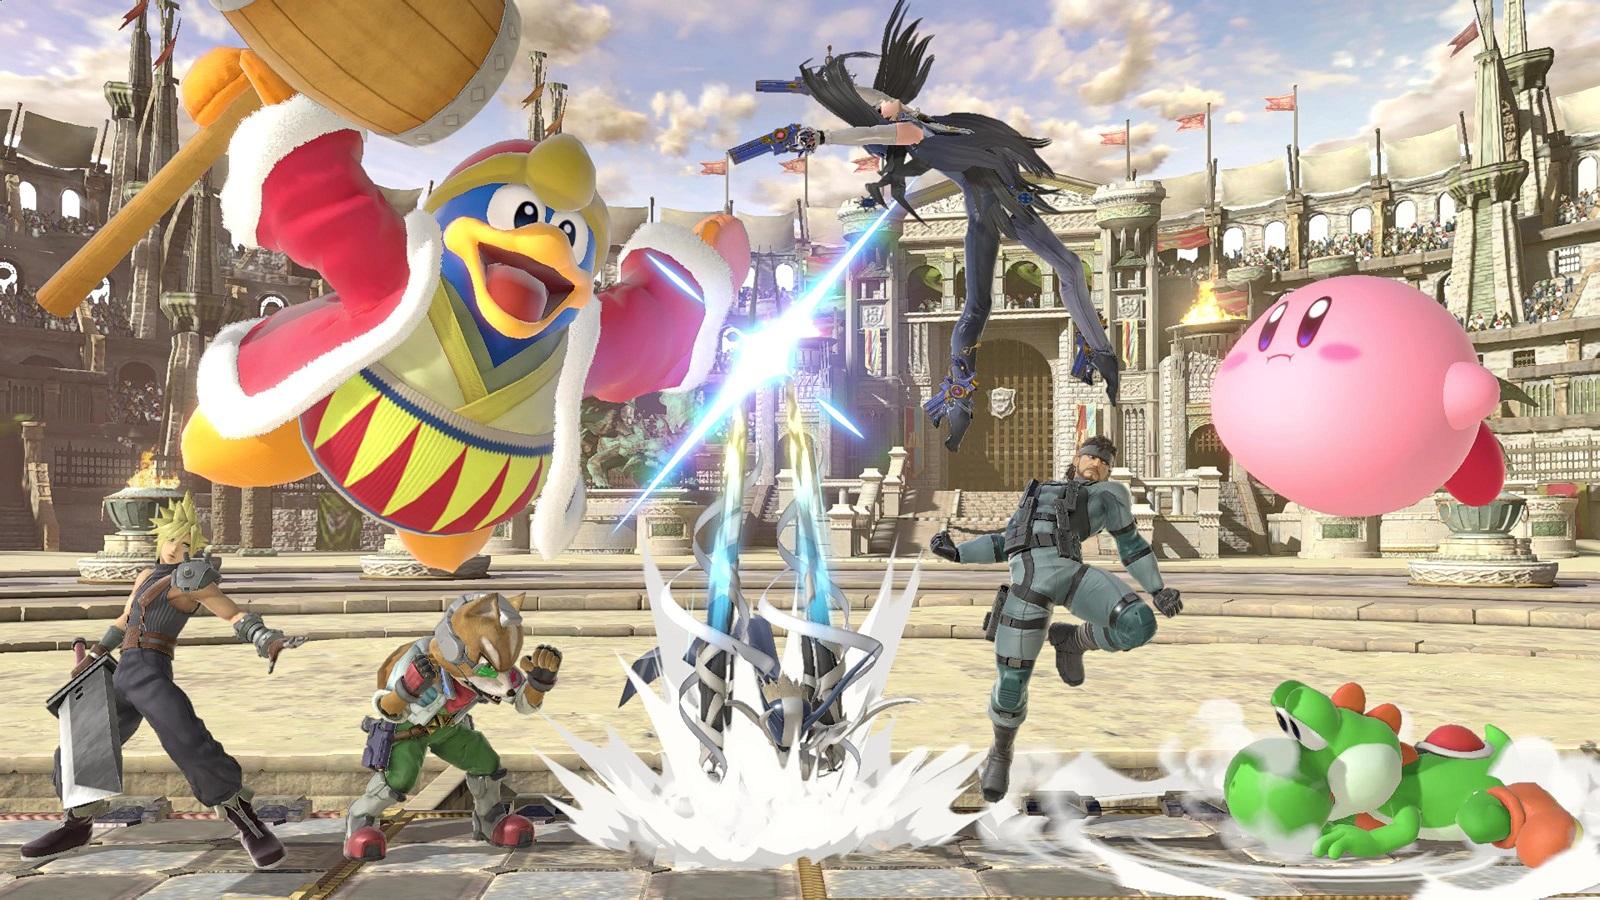 Первый с сентября 2019 года полноценный выпуск Nintendo Direct пройдёт 18 февраля